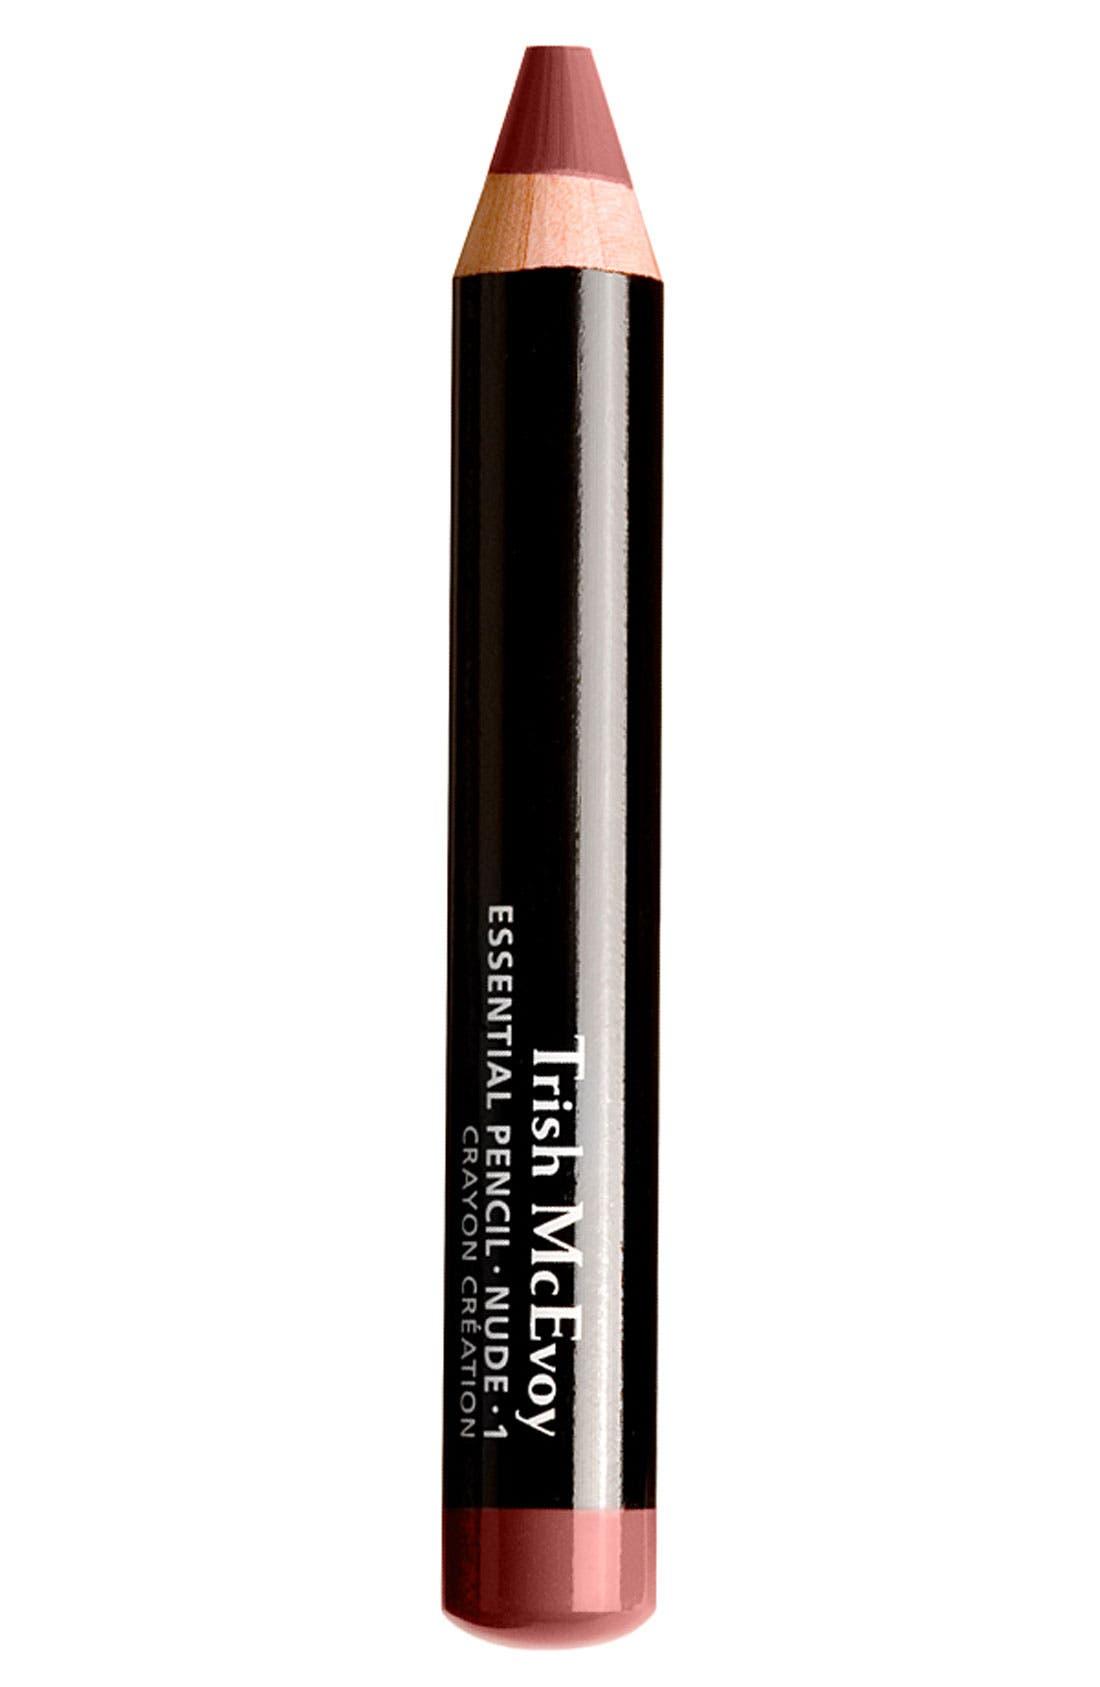 Trish McEvoy 'Essential' Lip Pencil